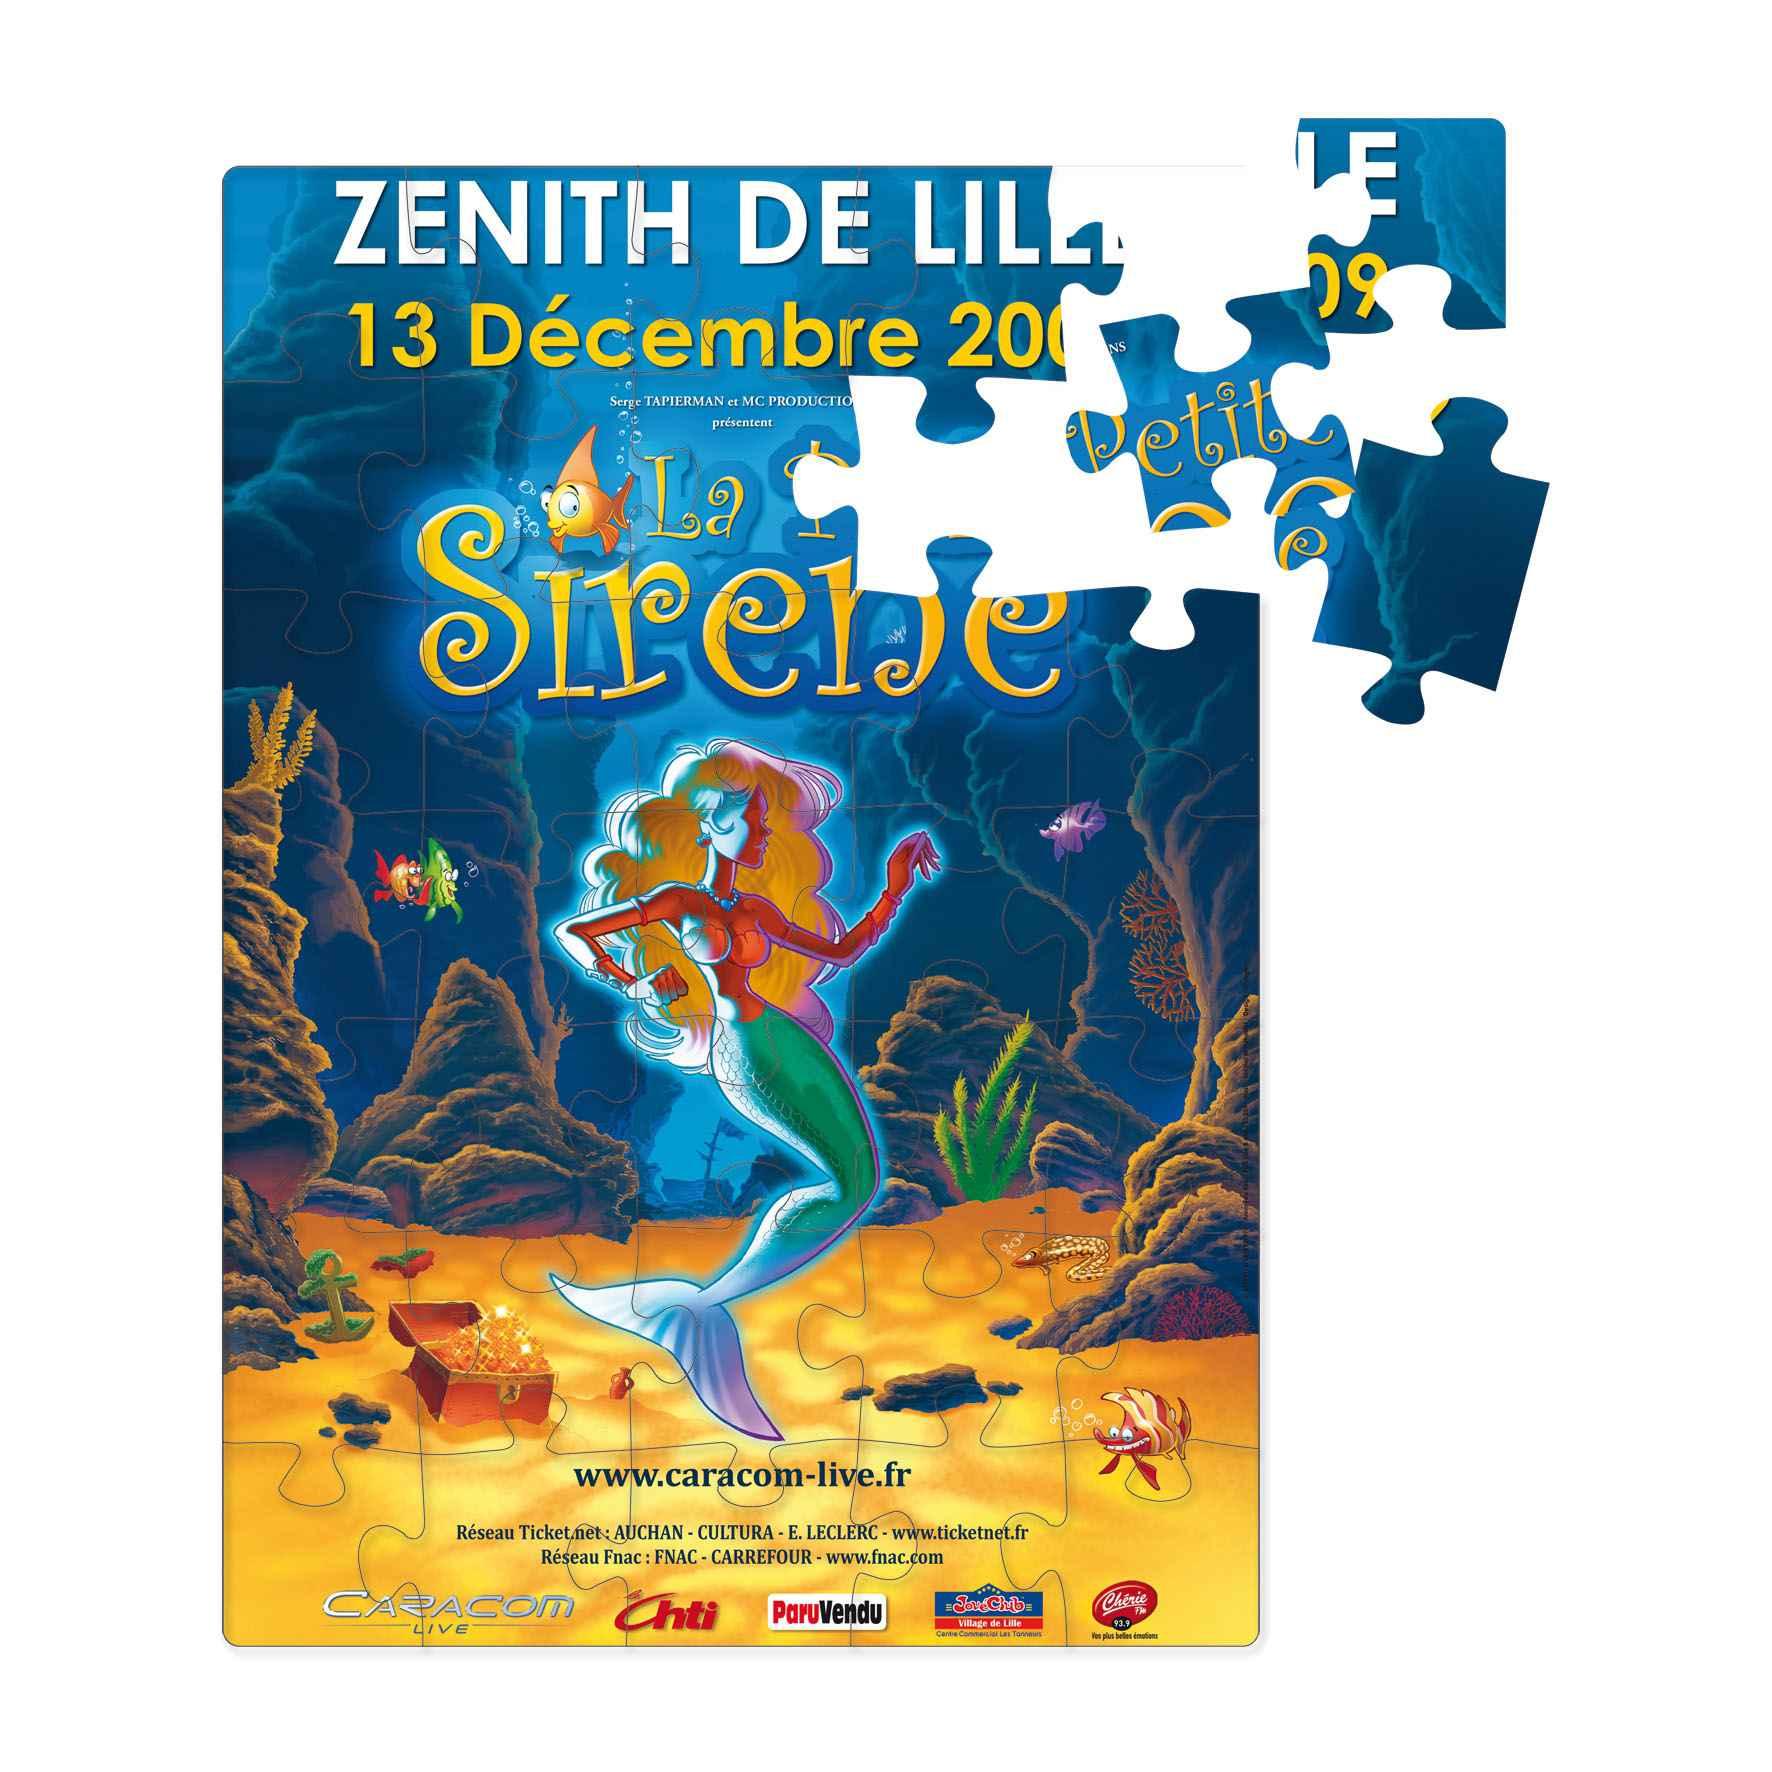 Puzzle magnétique personnalisable - 20,5 X 29,2cm Tanagrame - Cadeau publicitaire